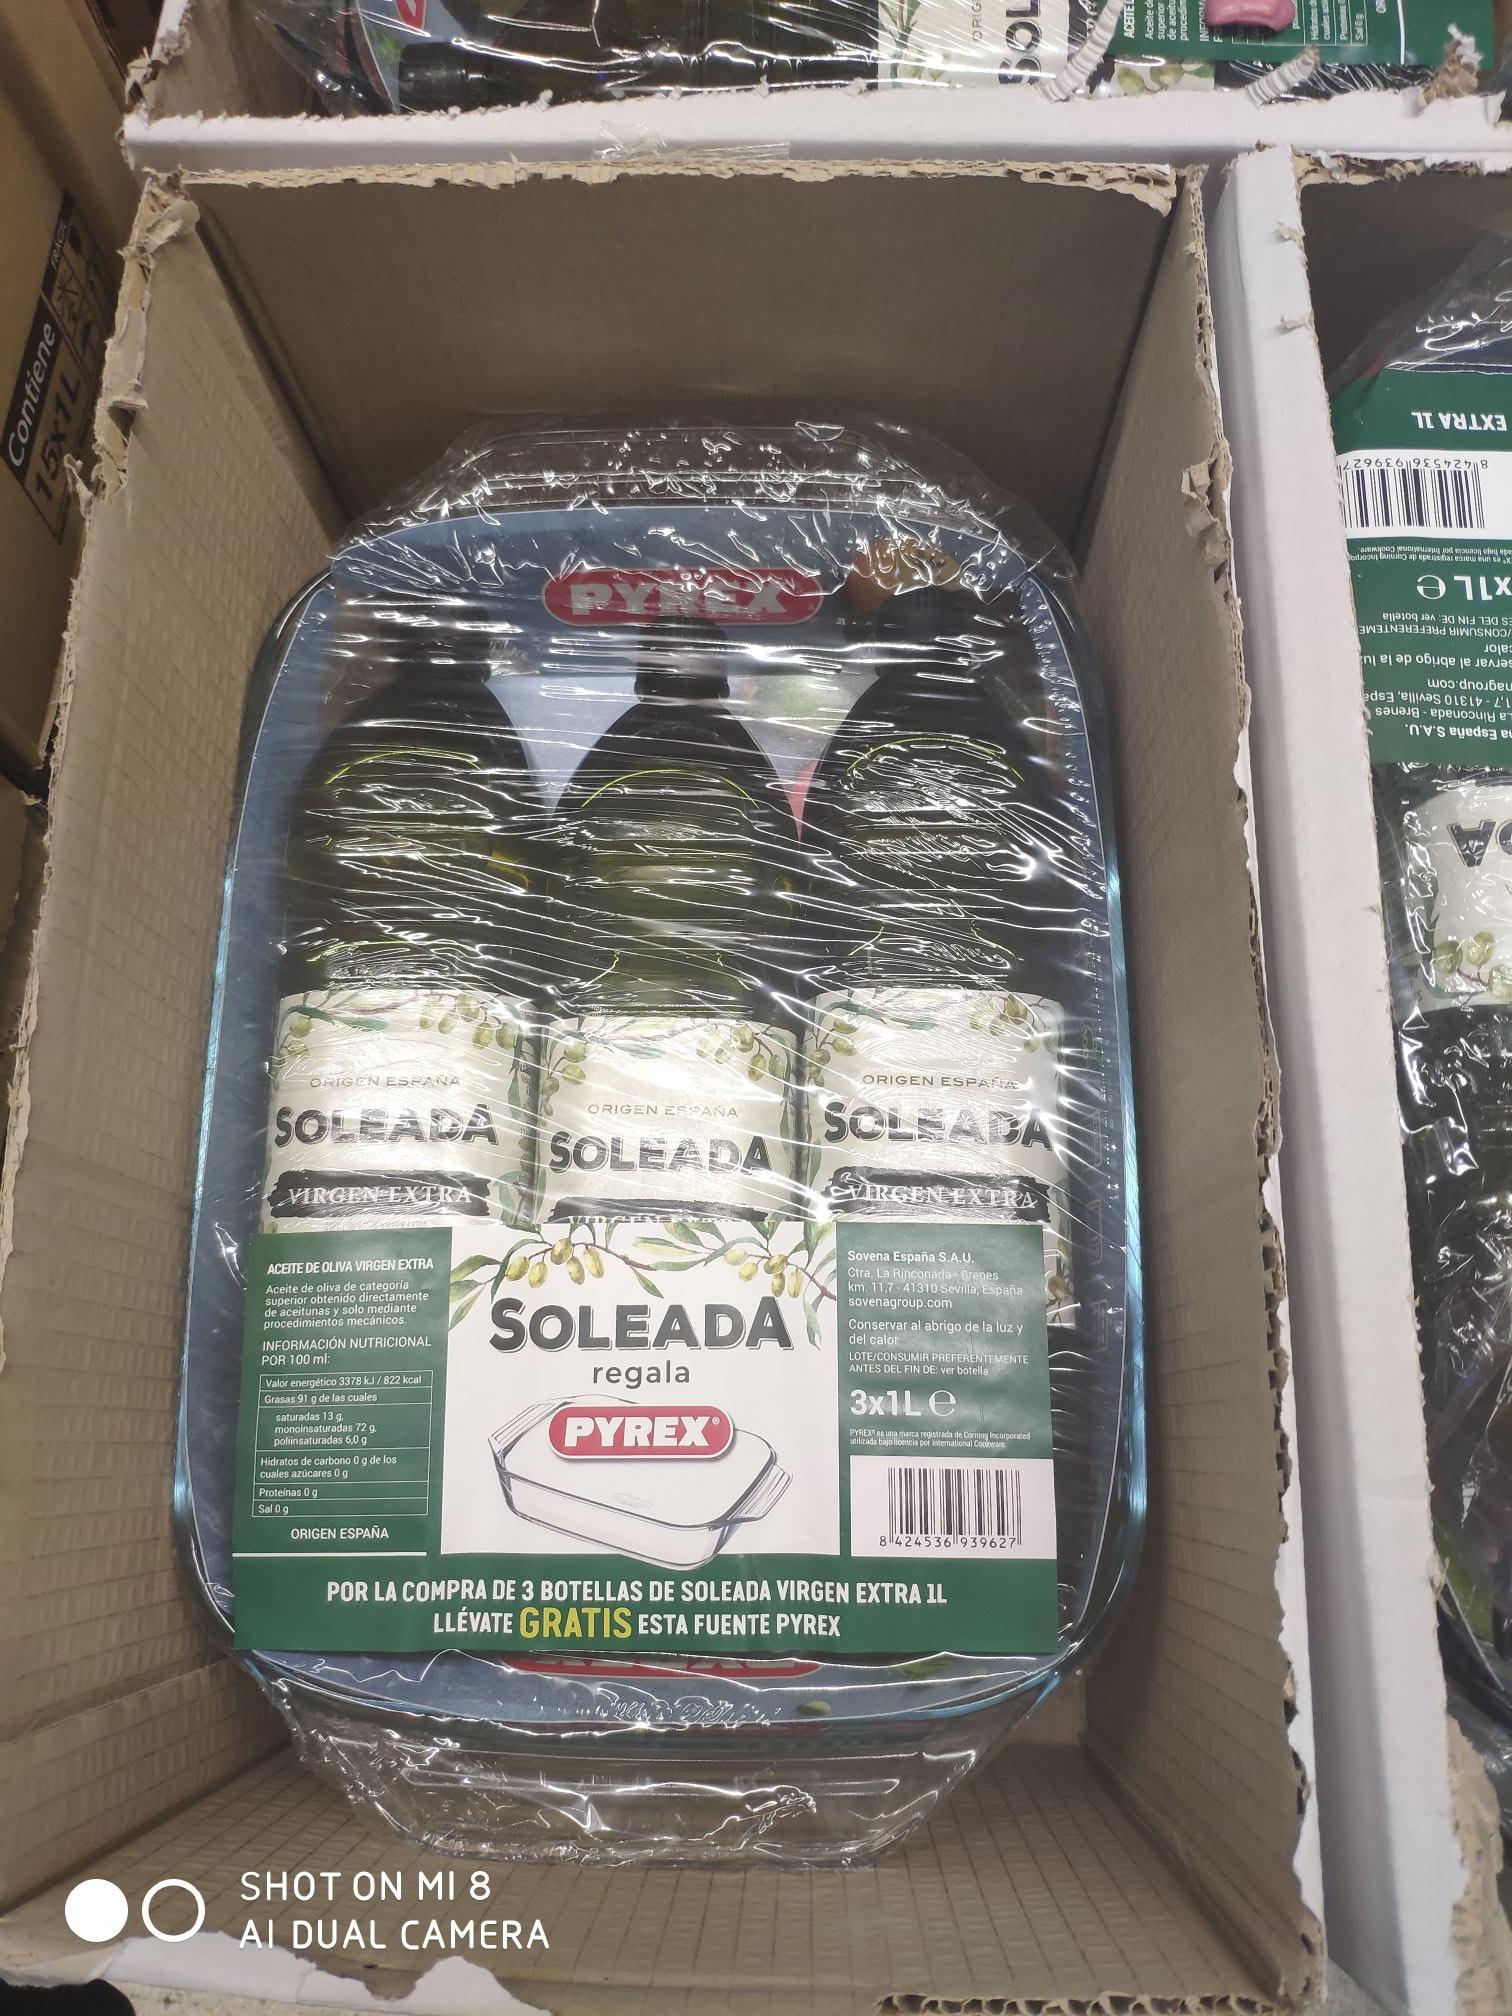 Fuente Pyrex  + 3 litros AOVE Soleada (tienda física - Carrefour Aluche)